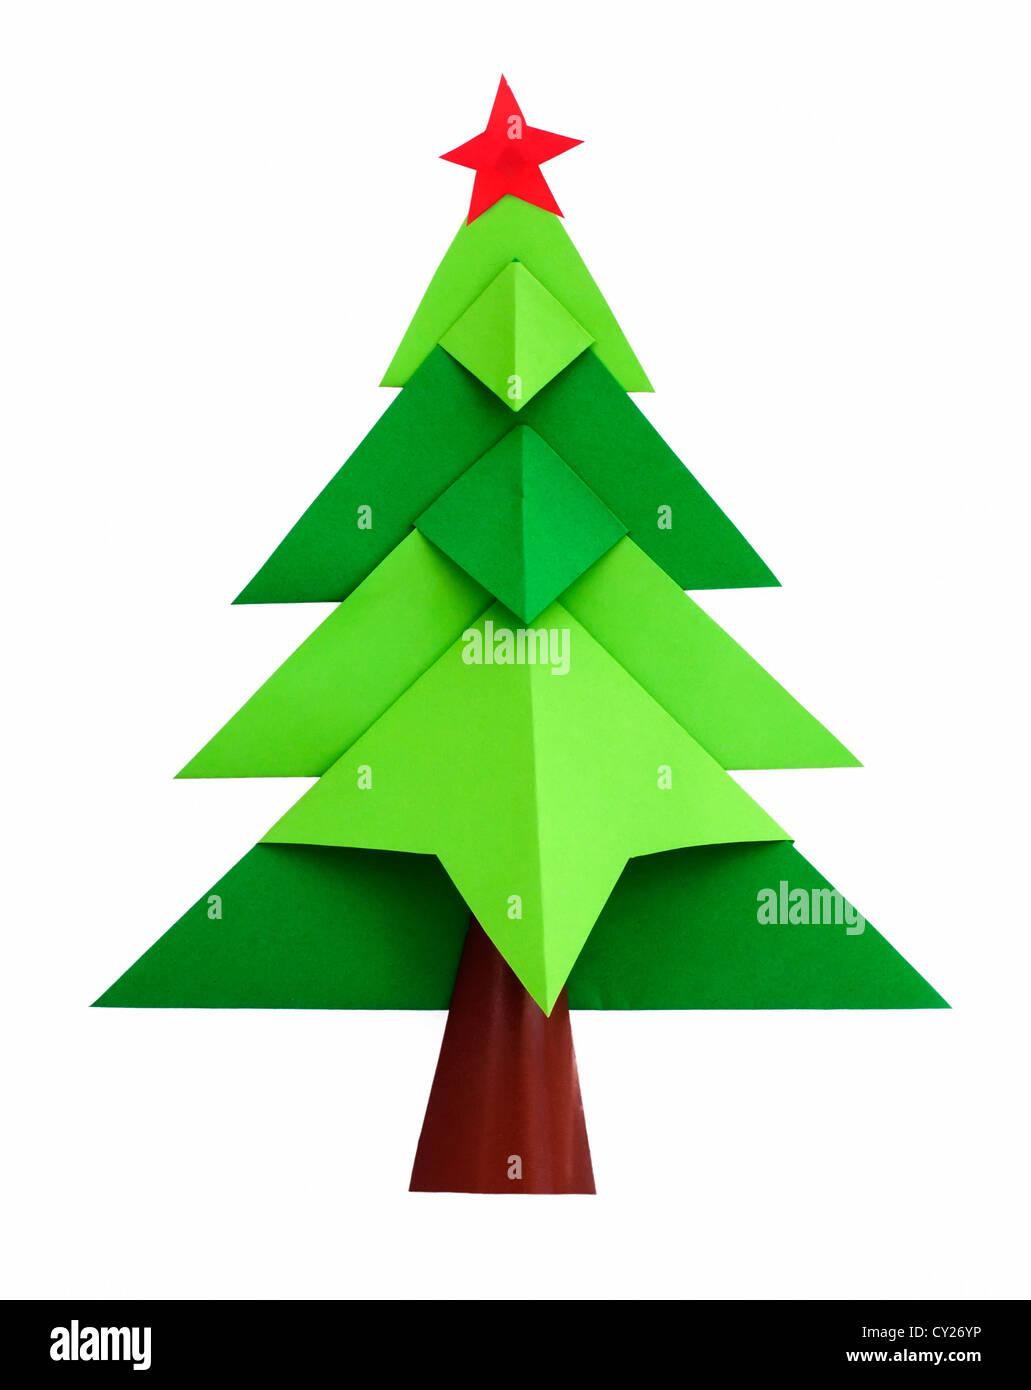 Origami Weihnachtsbaum weiß isoliert Stockbild